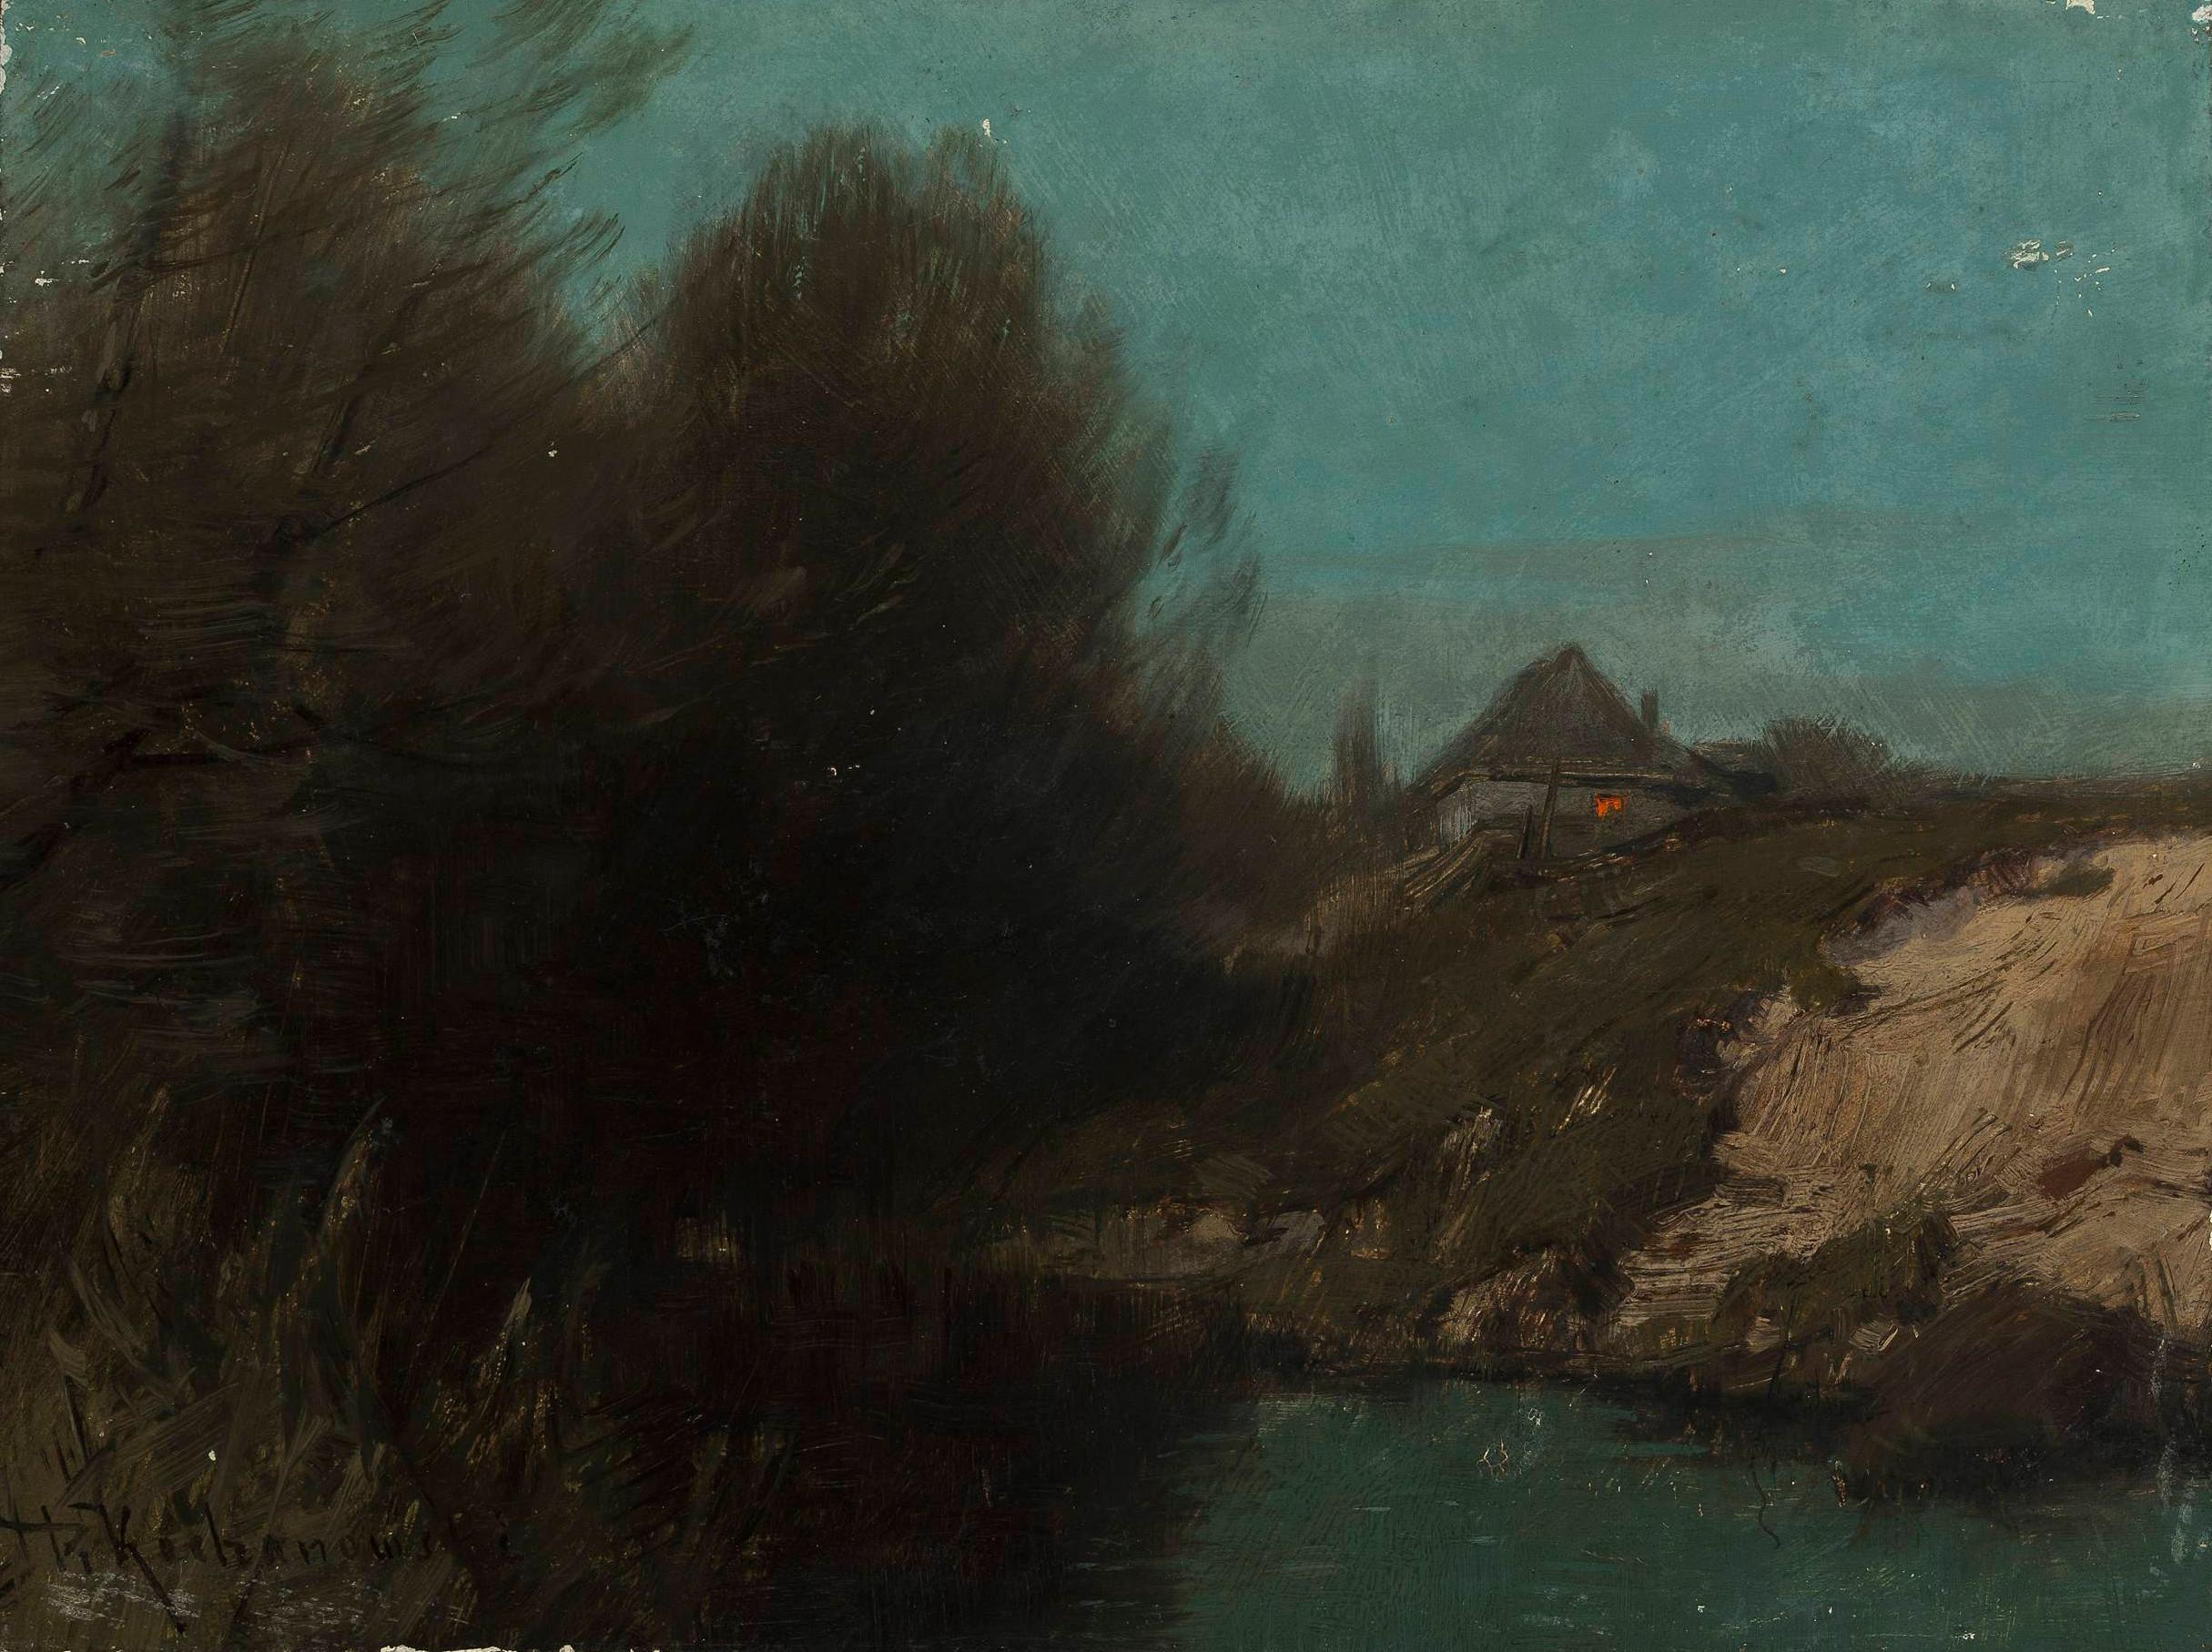 """Roman Kochanowski (1857 - 1945) """"Krajobraz z chatą"""", między 1890-1900 rokiem, źródło: Muzeum Narodowe w Warszawie"""